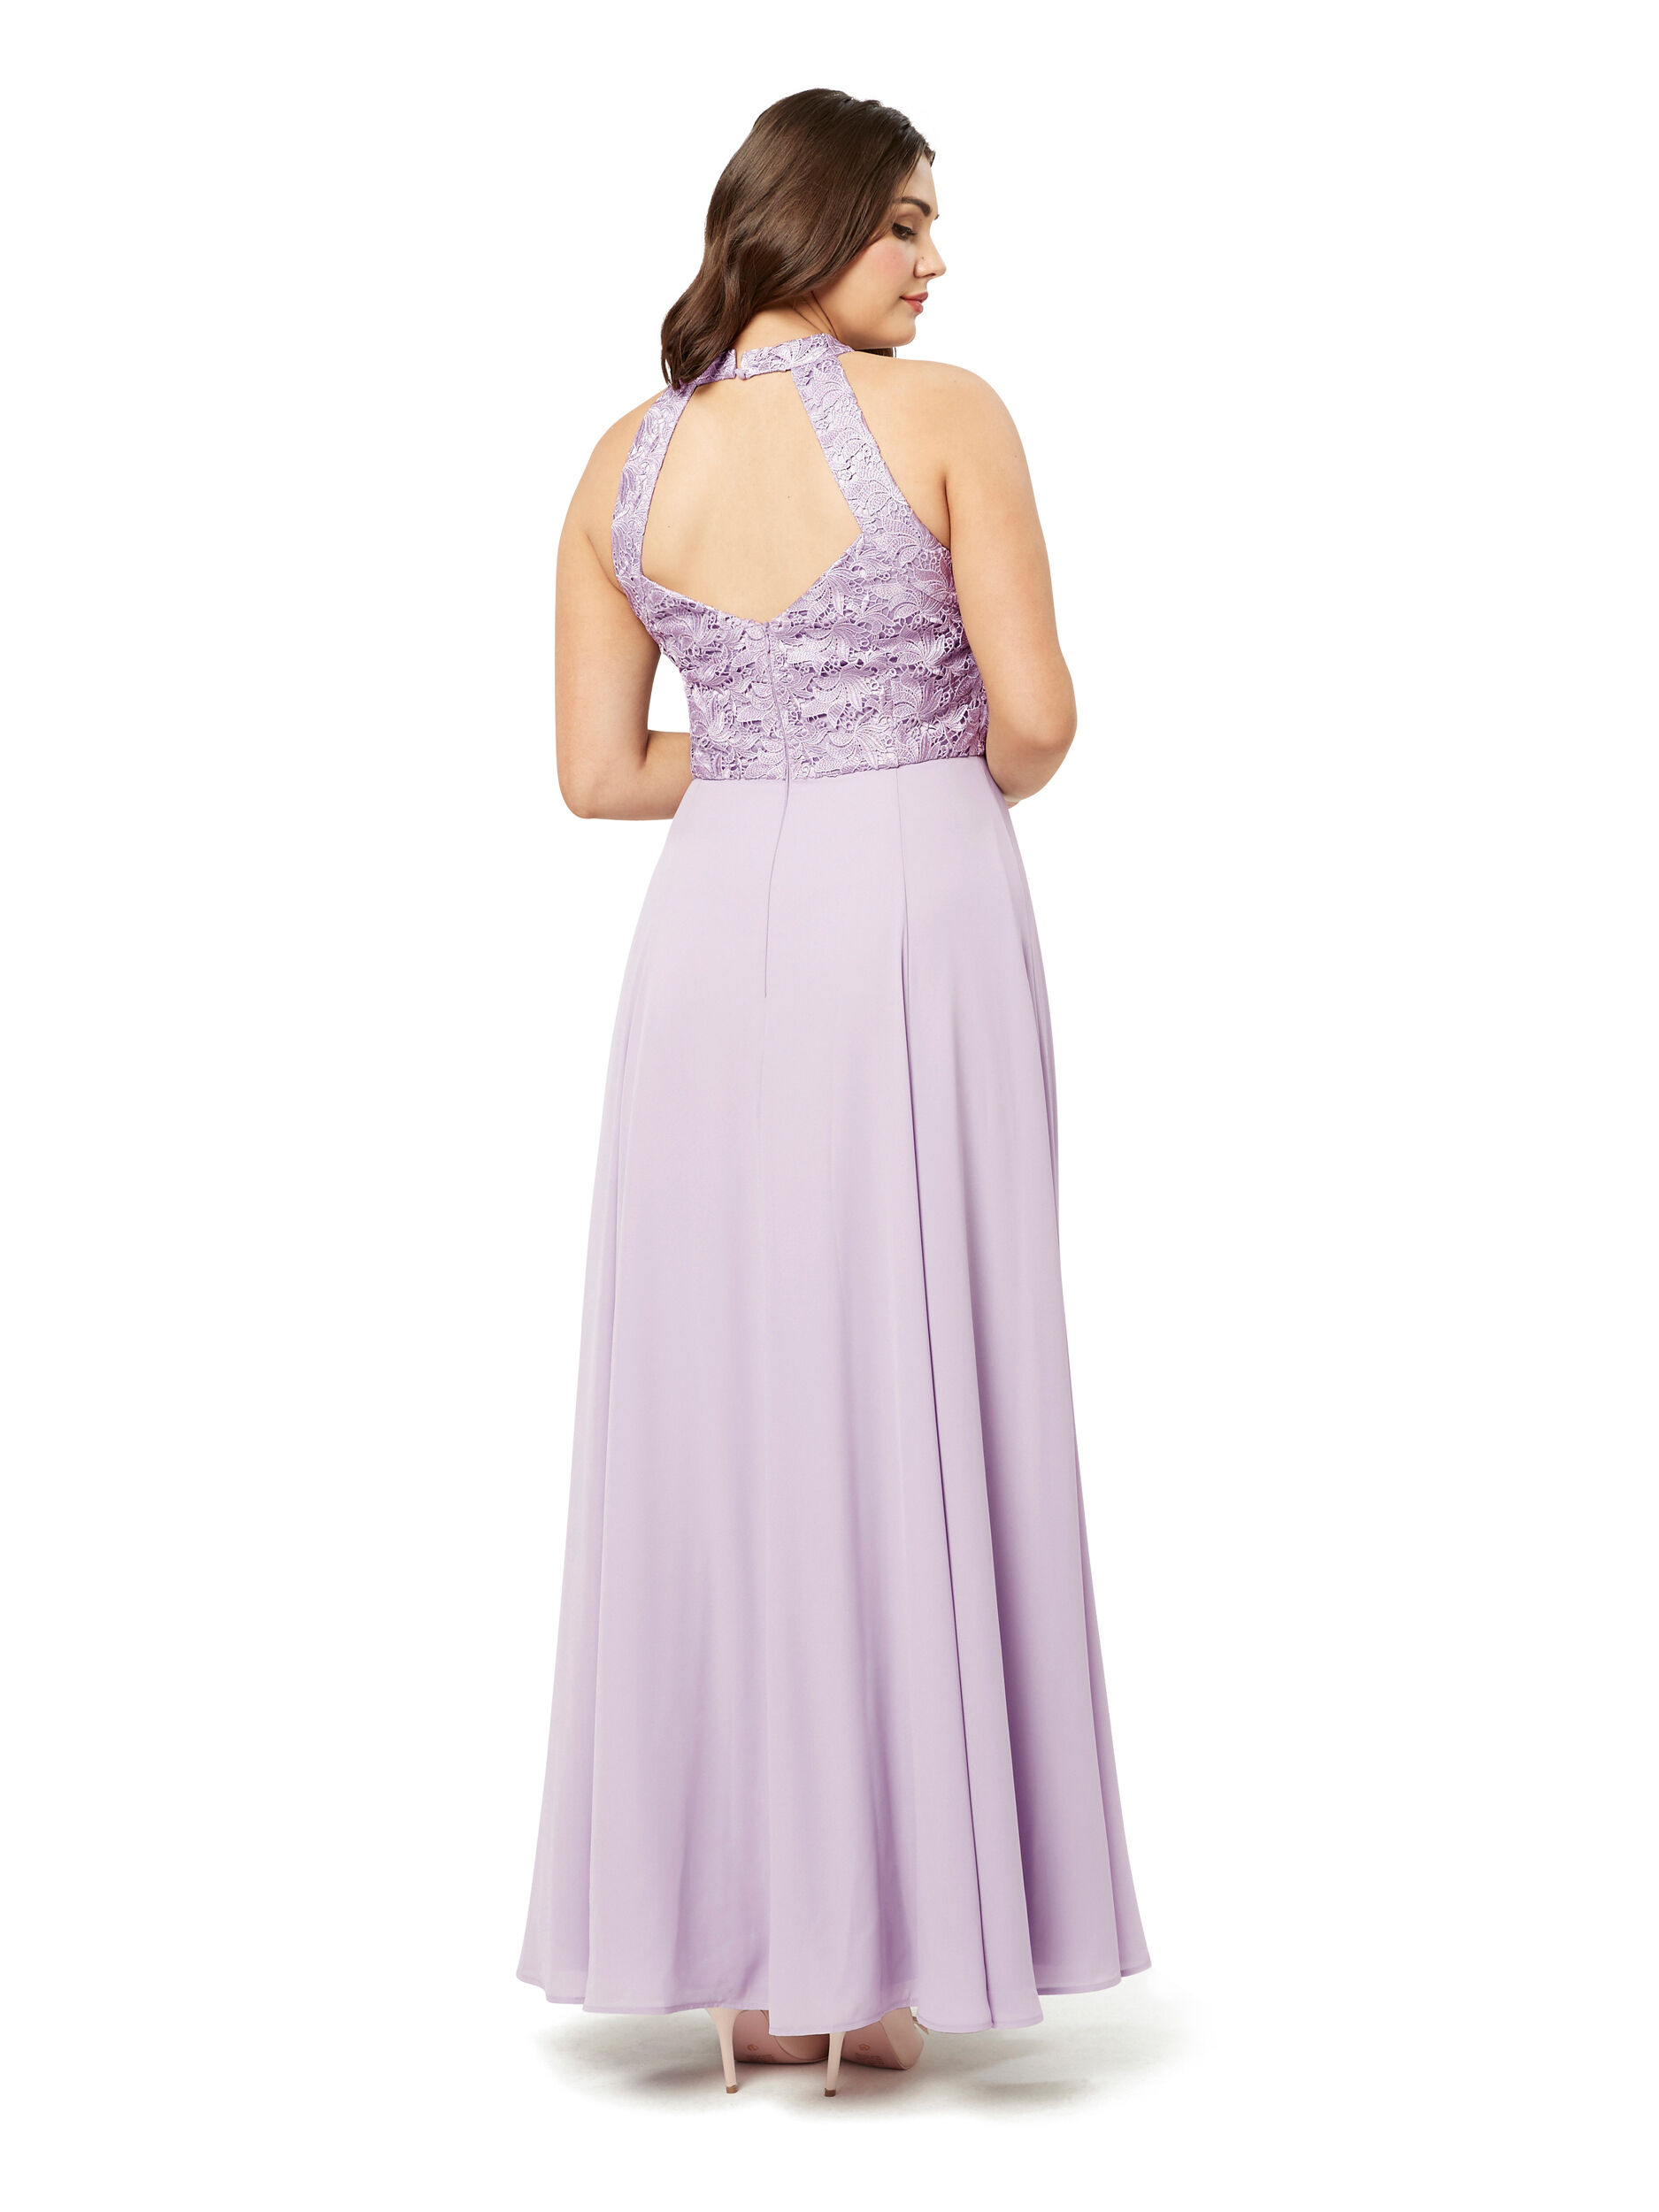 Angelina Love Maxi Dress